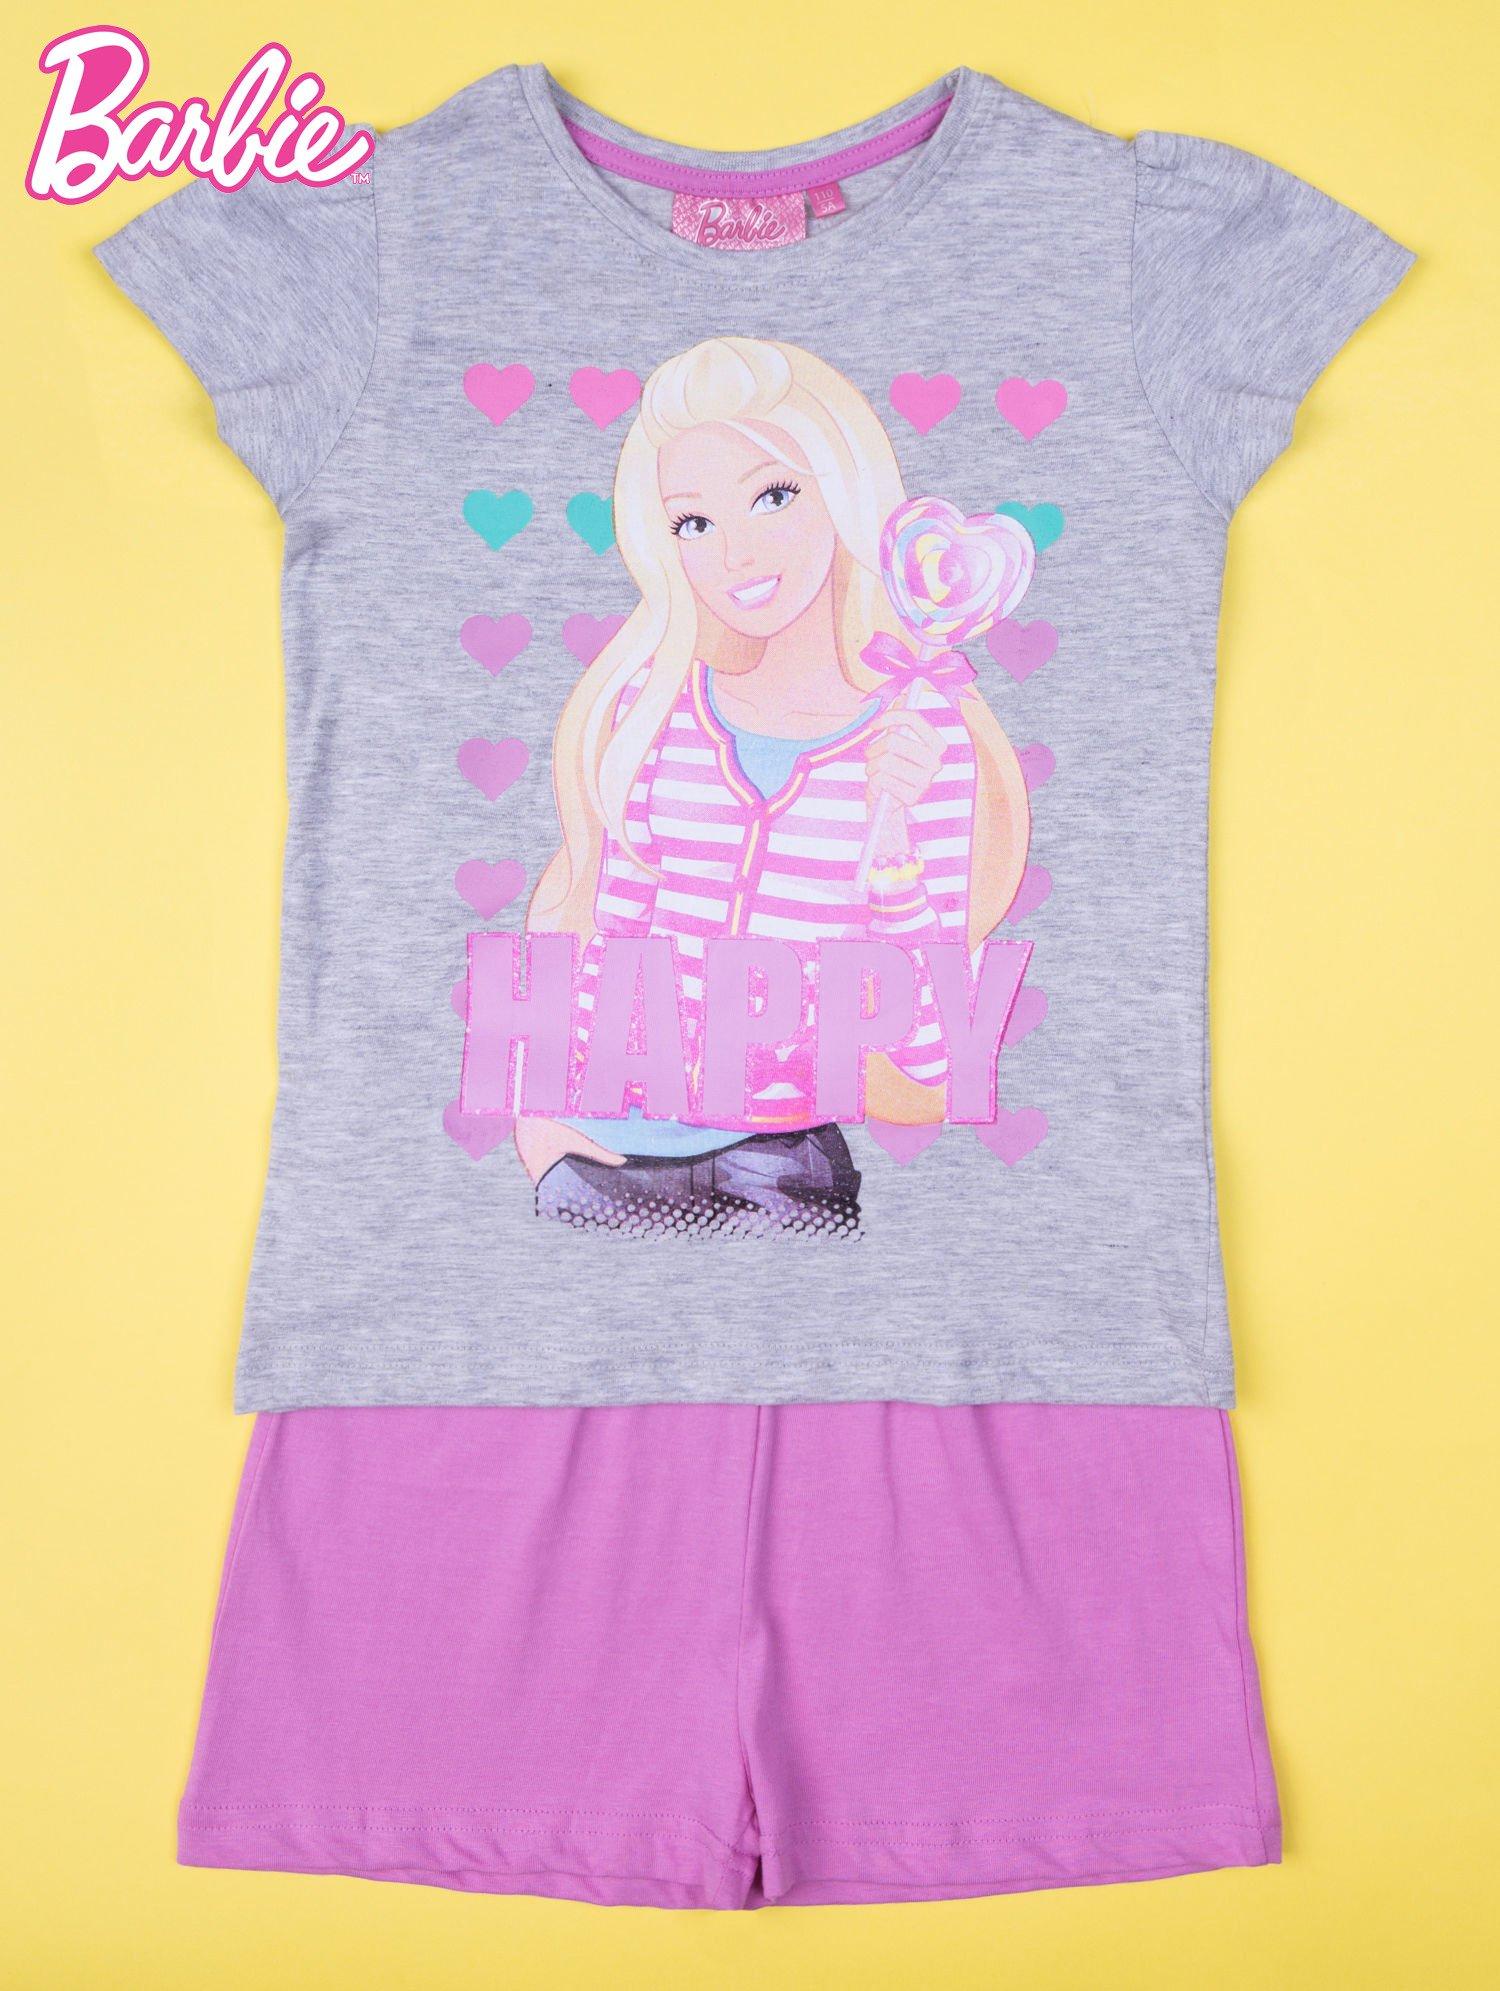 Szara piżama dla dziewczynki BARBIE                                  zdj.                                  1